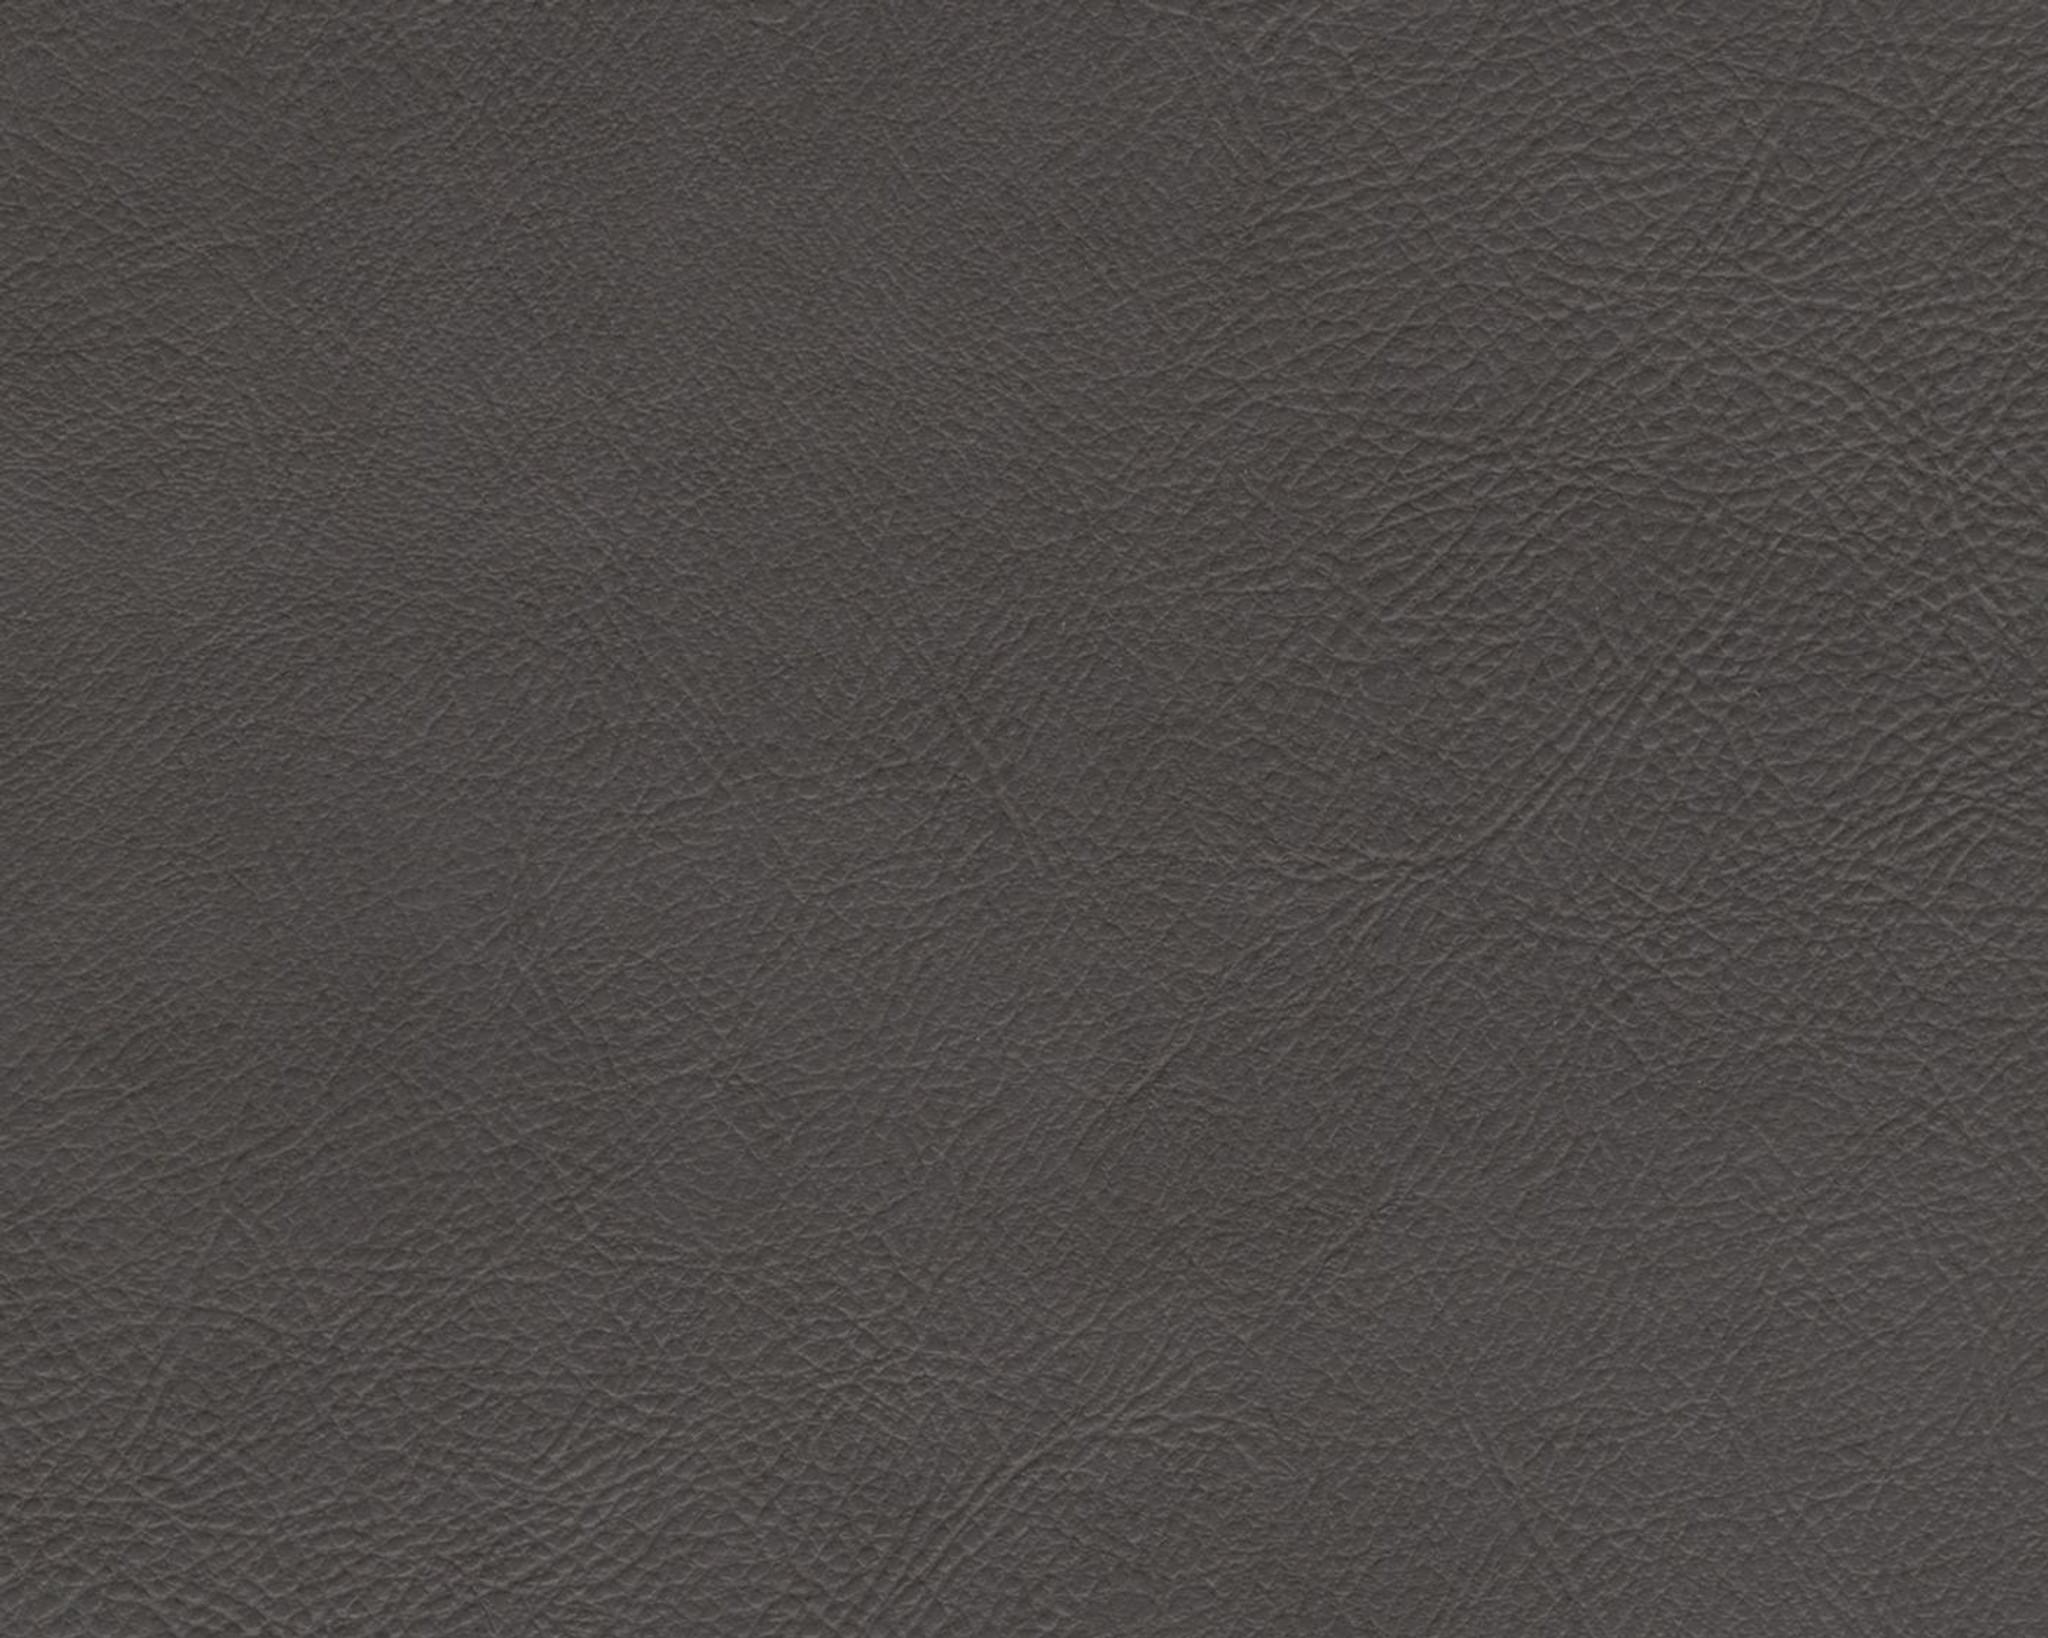 Remarkable Alliston Grey Collection Queen Sofa Sleeper Creativecarmelina Interior Chair Design Creativecarmelinacom